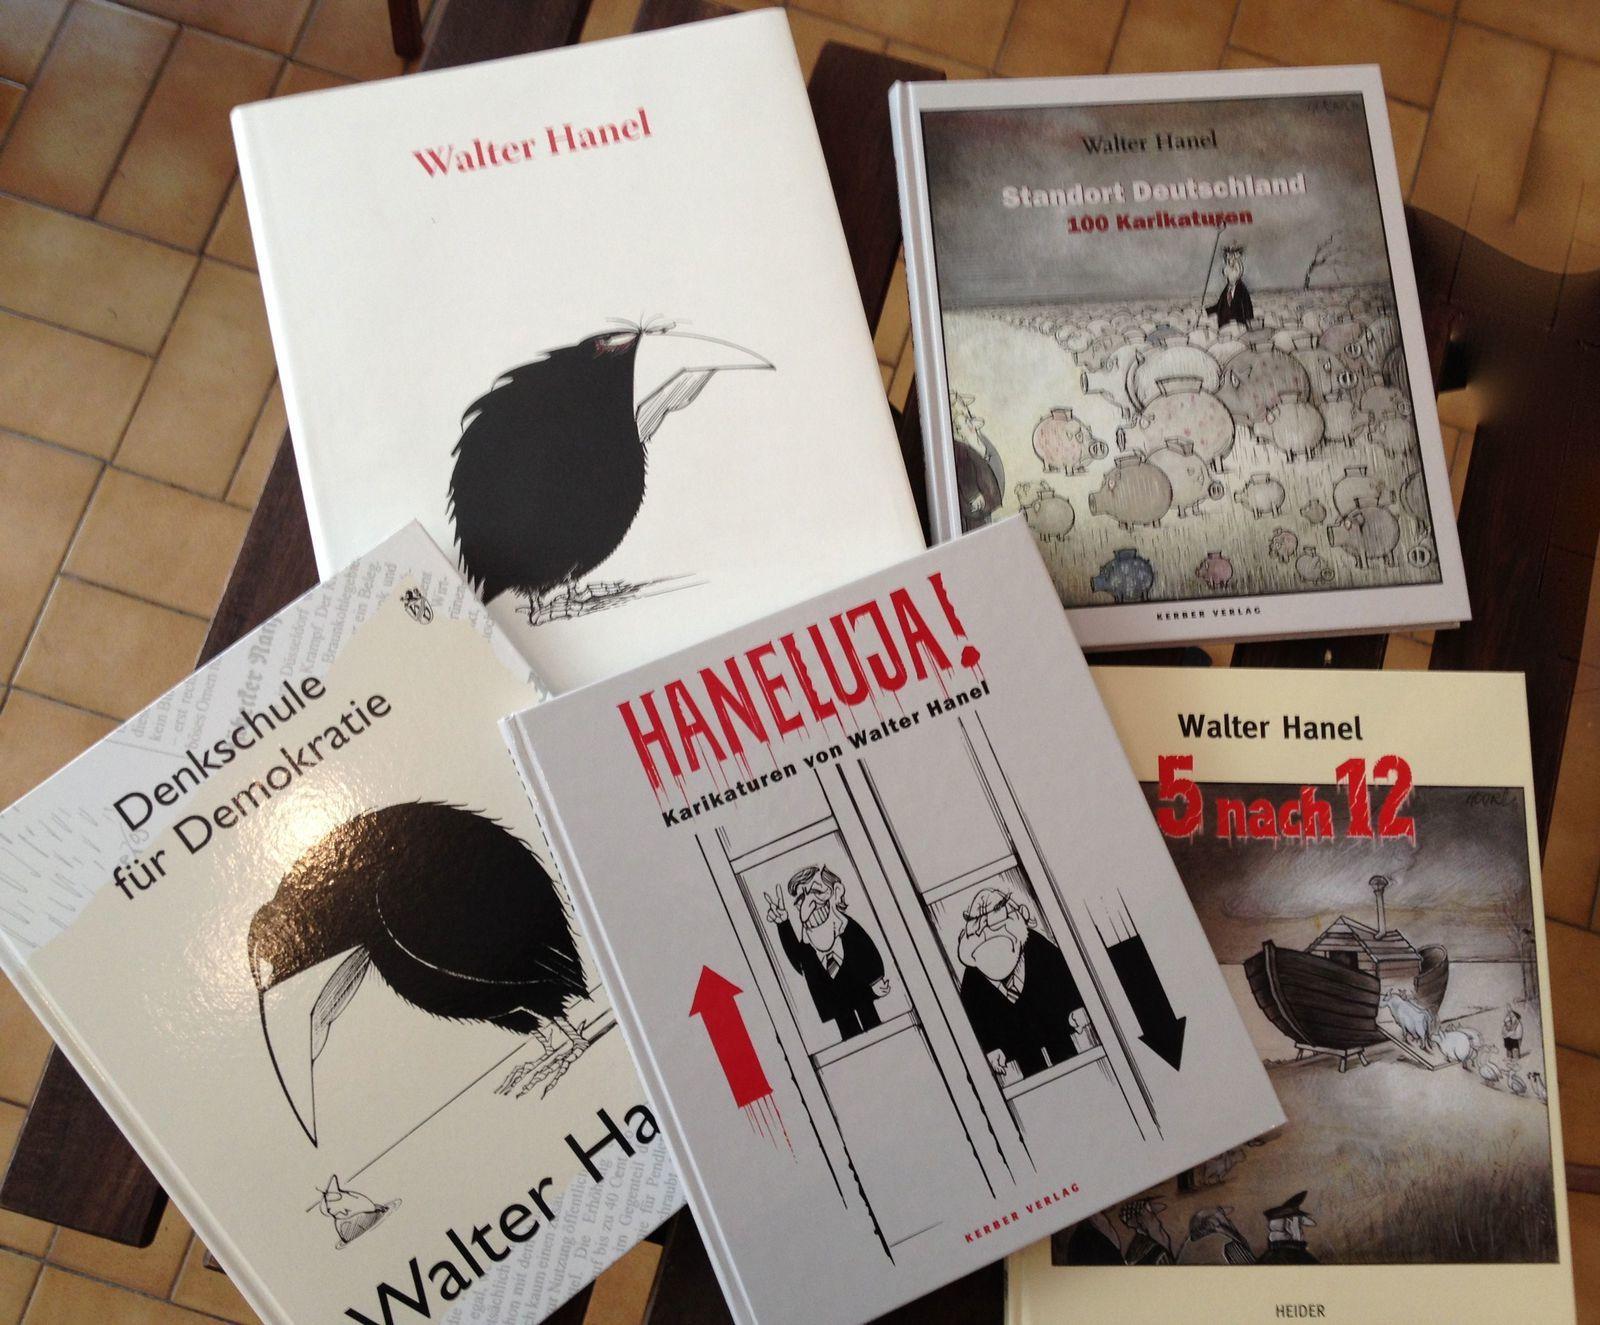 Plusieurs dizaines de livres ont été publiés sur Walter Hanel…